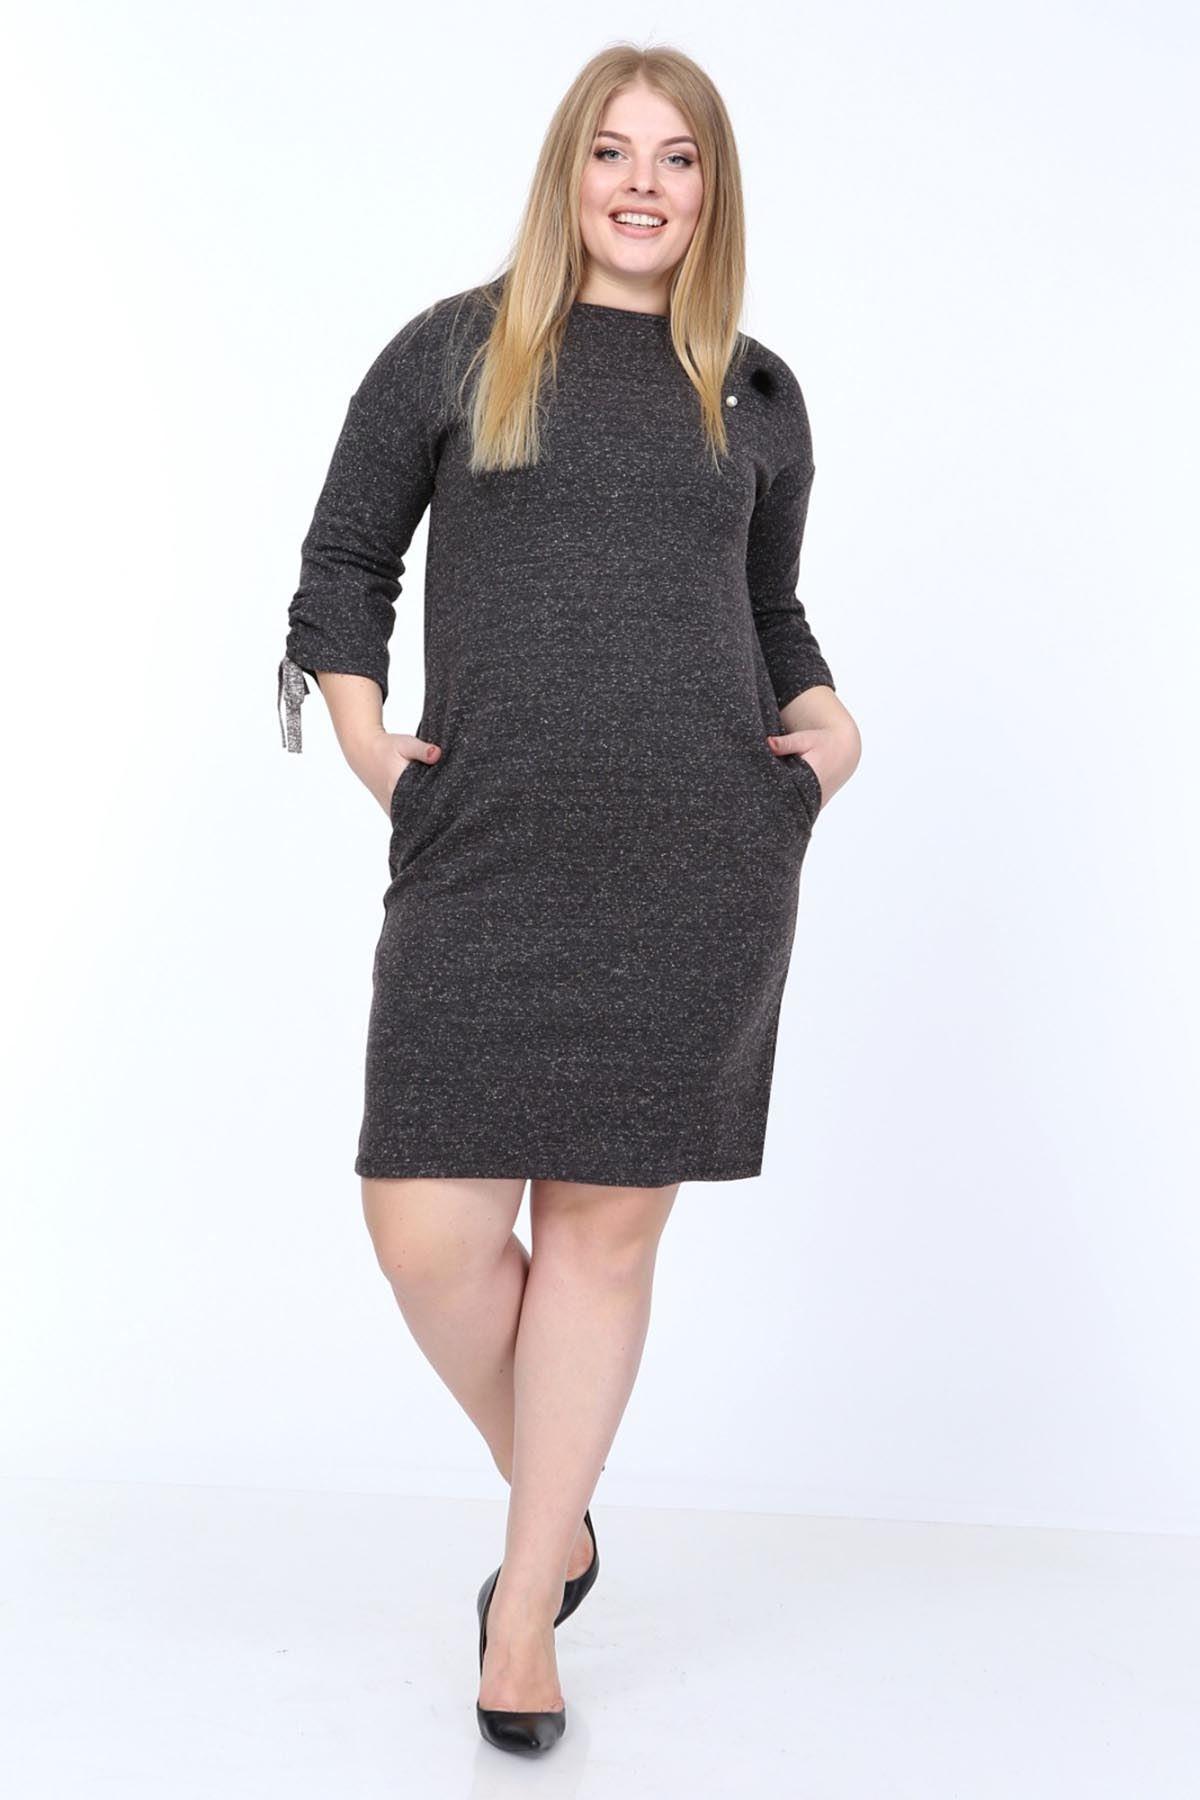 Kol Bağcıklı Büyük Beden Elbise 8F-0809